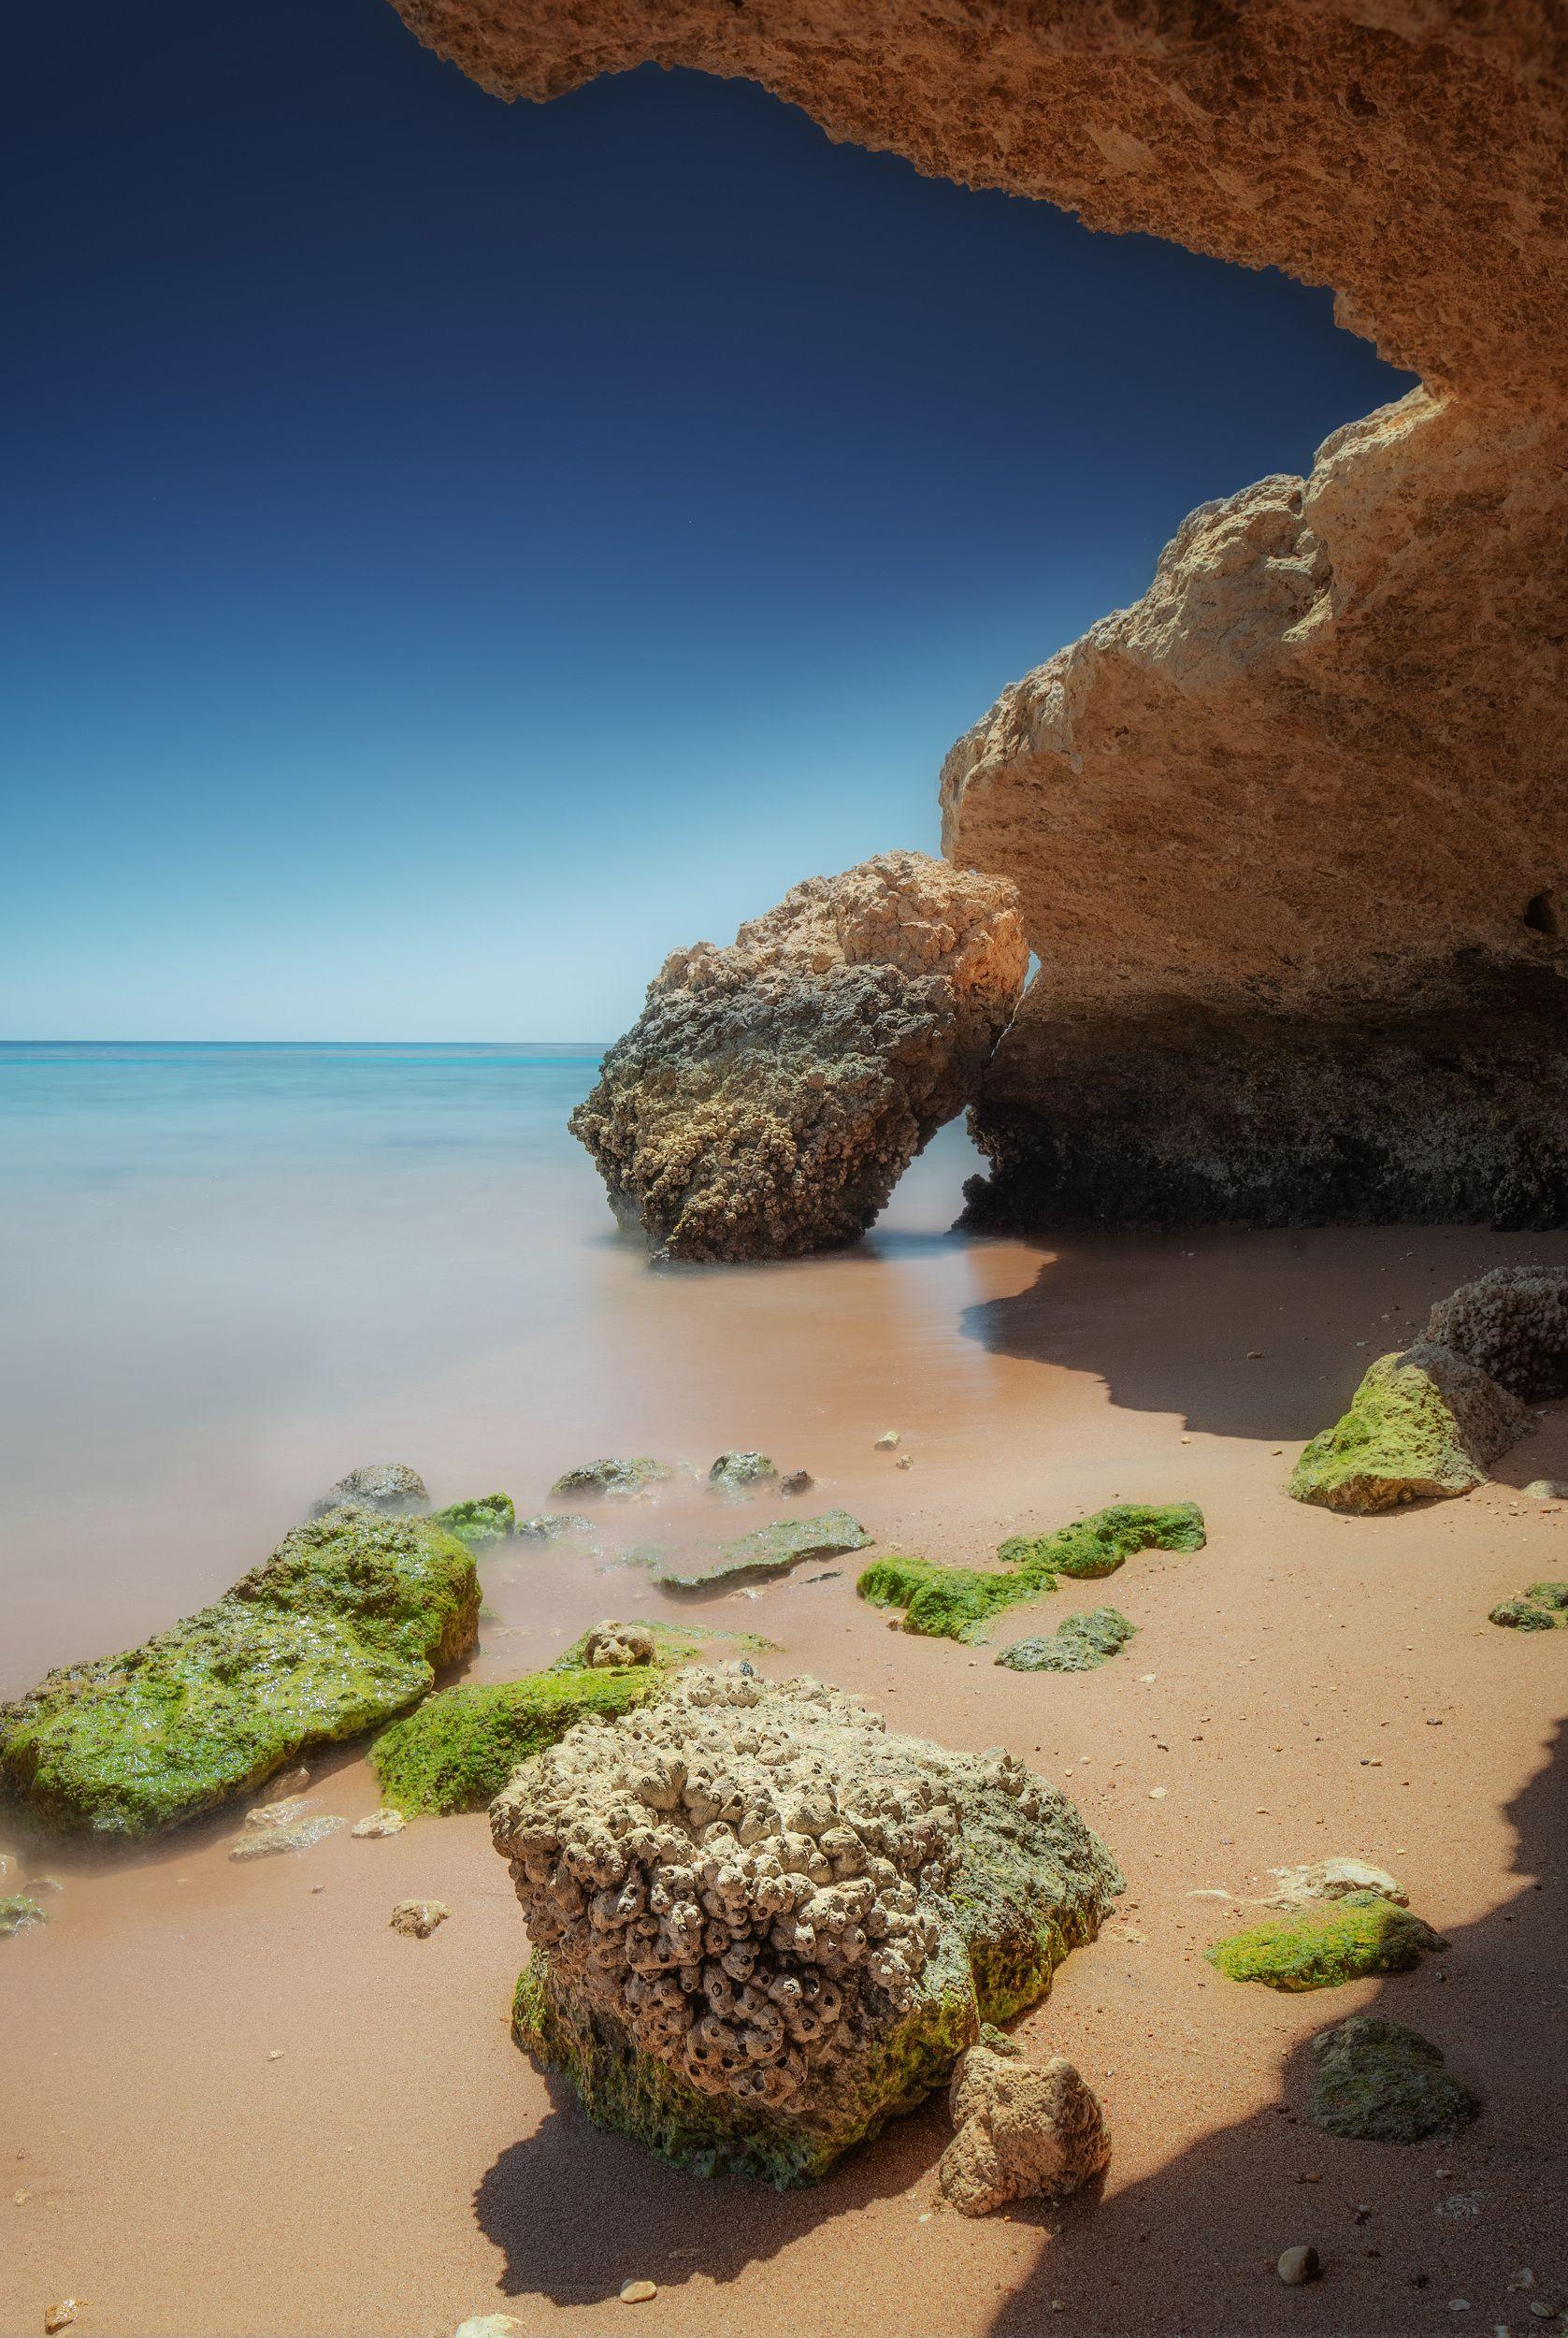 красное море, пейзаж, отлив, море, путешествие, travel, landscape, seascape, africa, Бойко Алексей